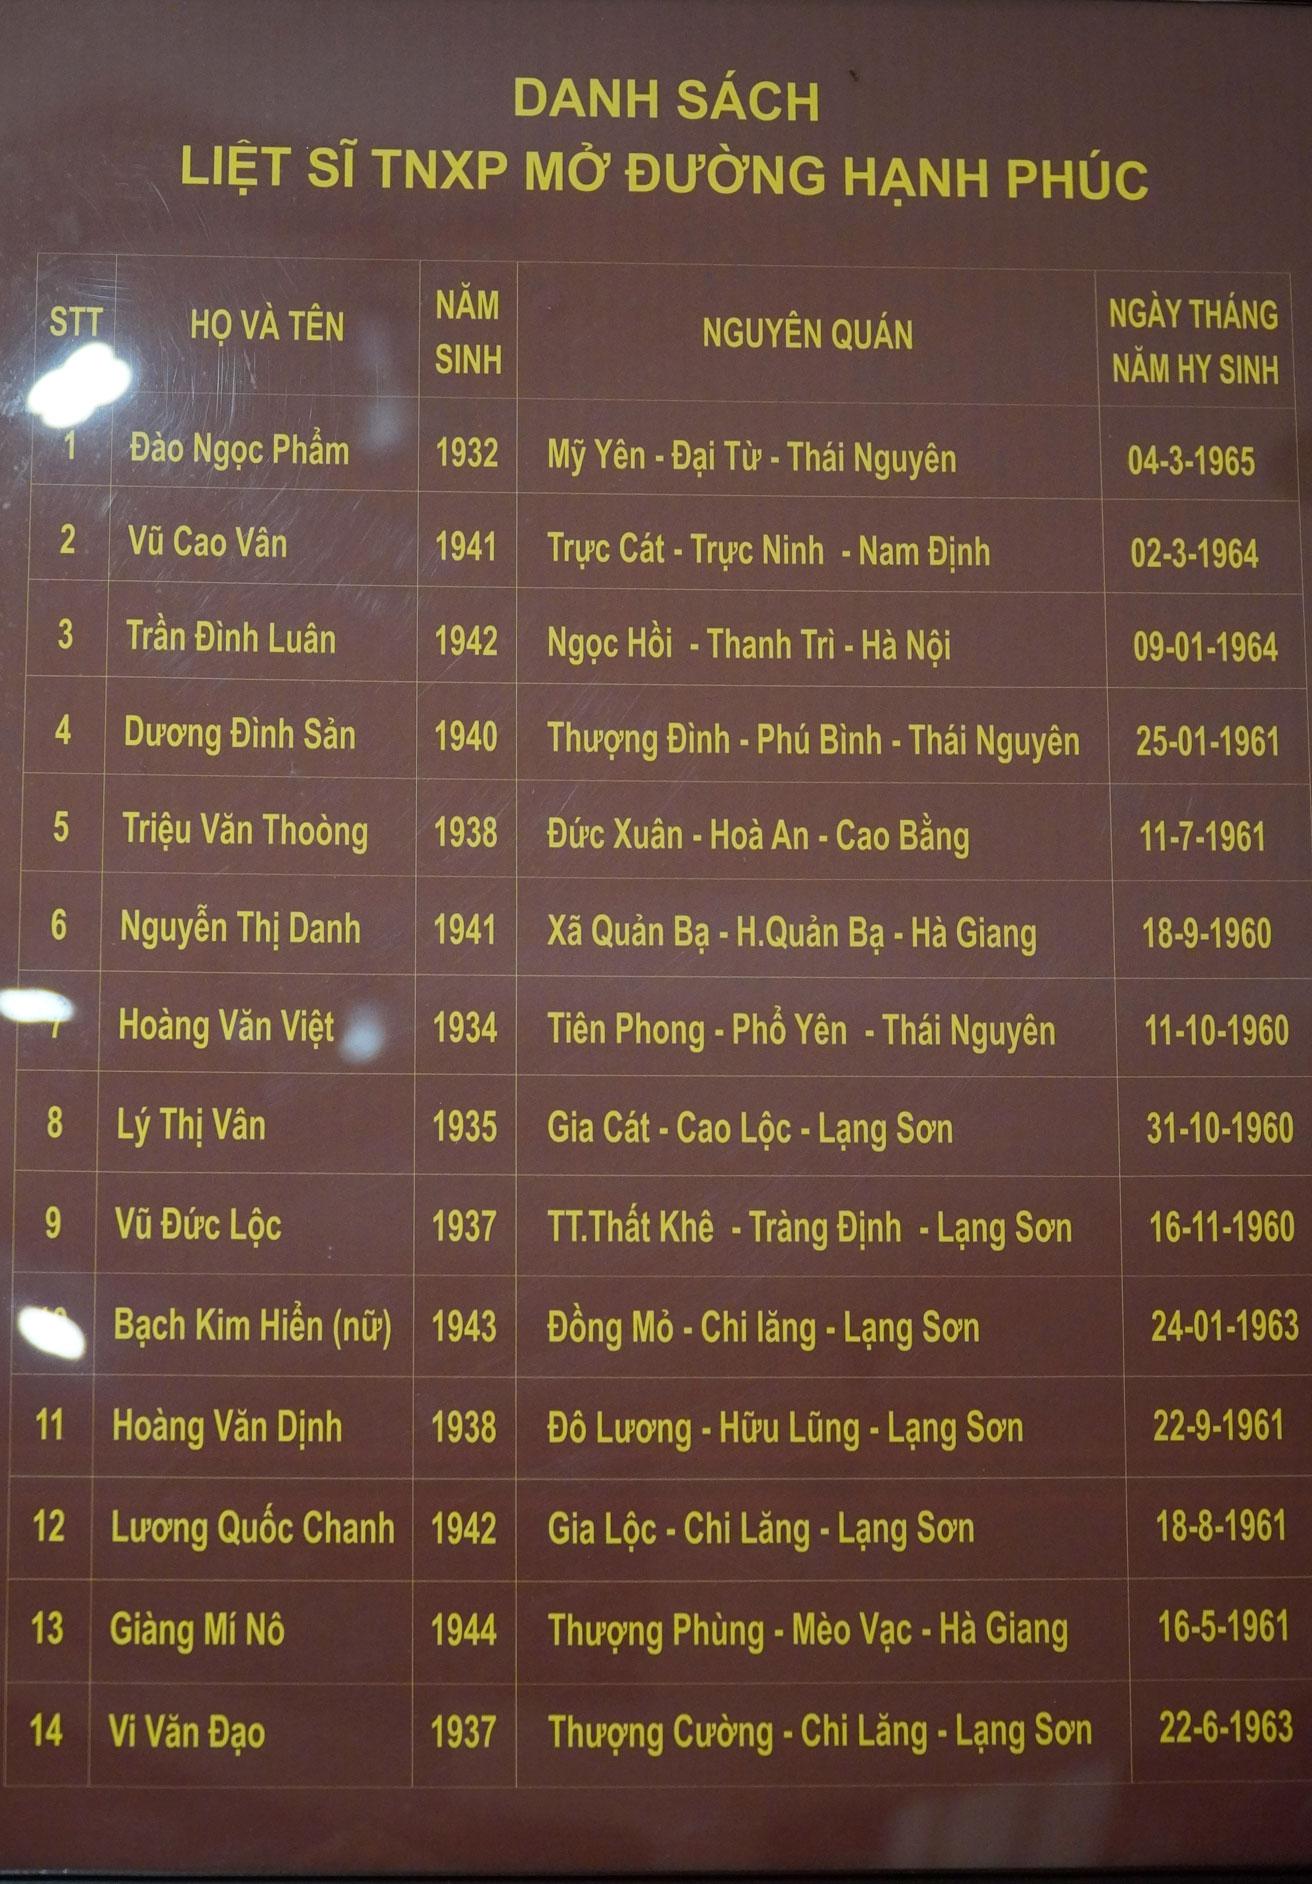 Con đường Hạnh phúc dài gần 200km, một tượng đài bất tử của đại đoàn kết dân tộc - Ảnh 13.